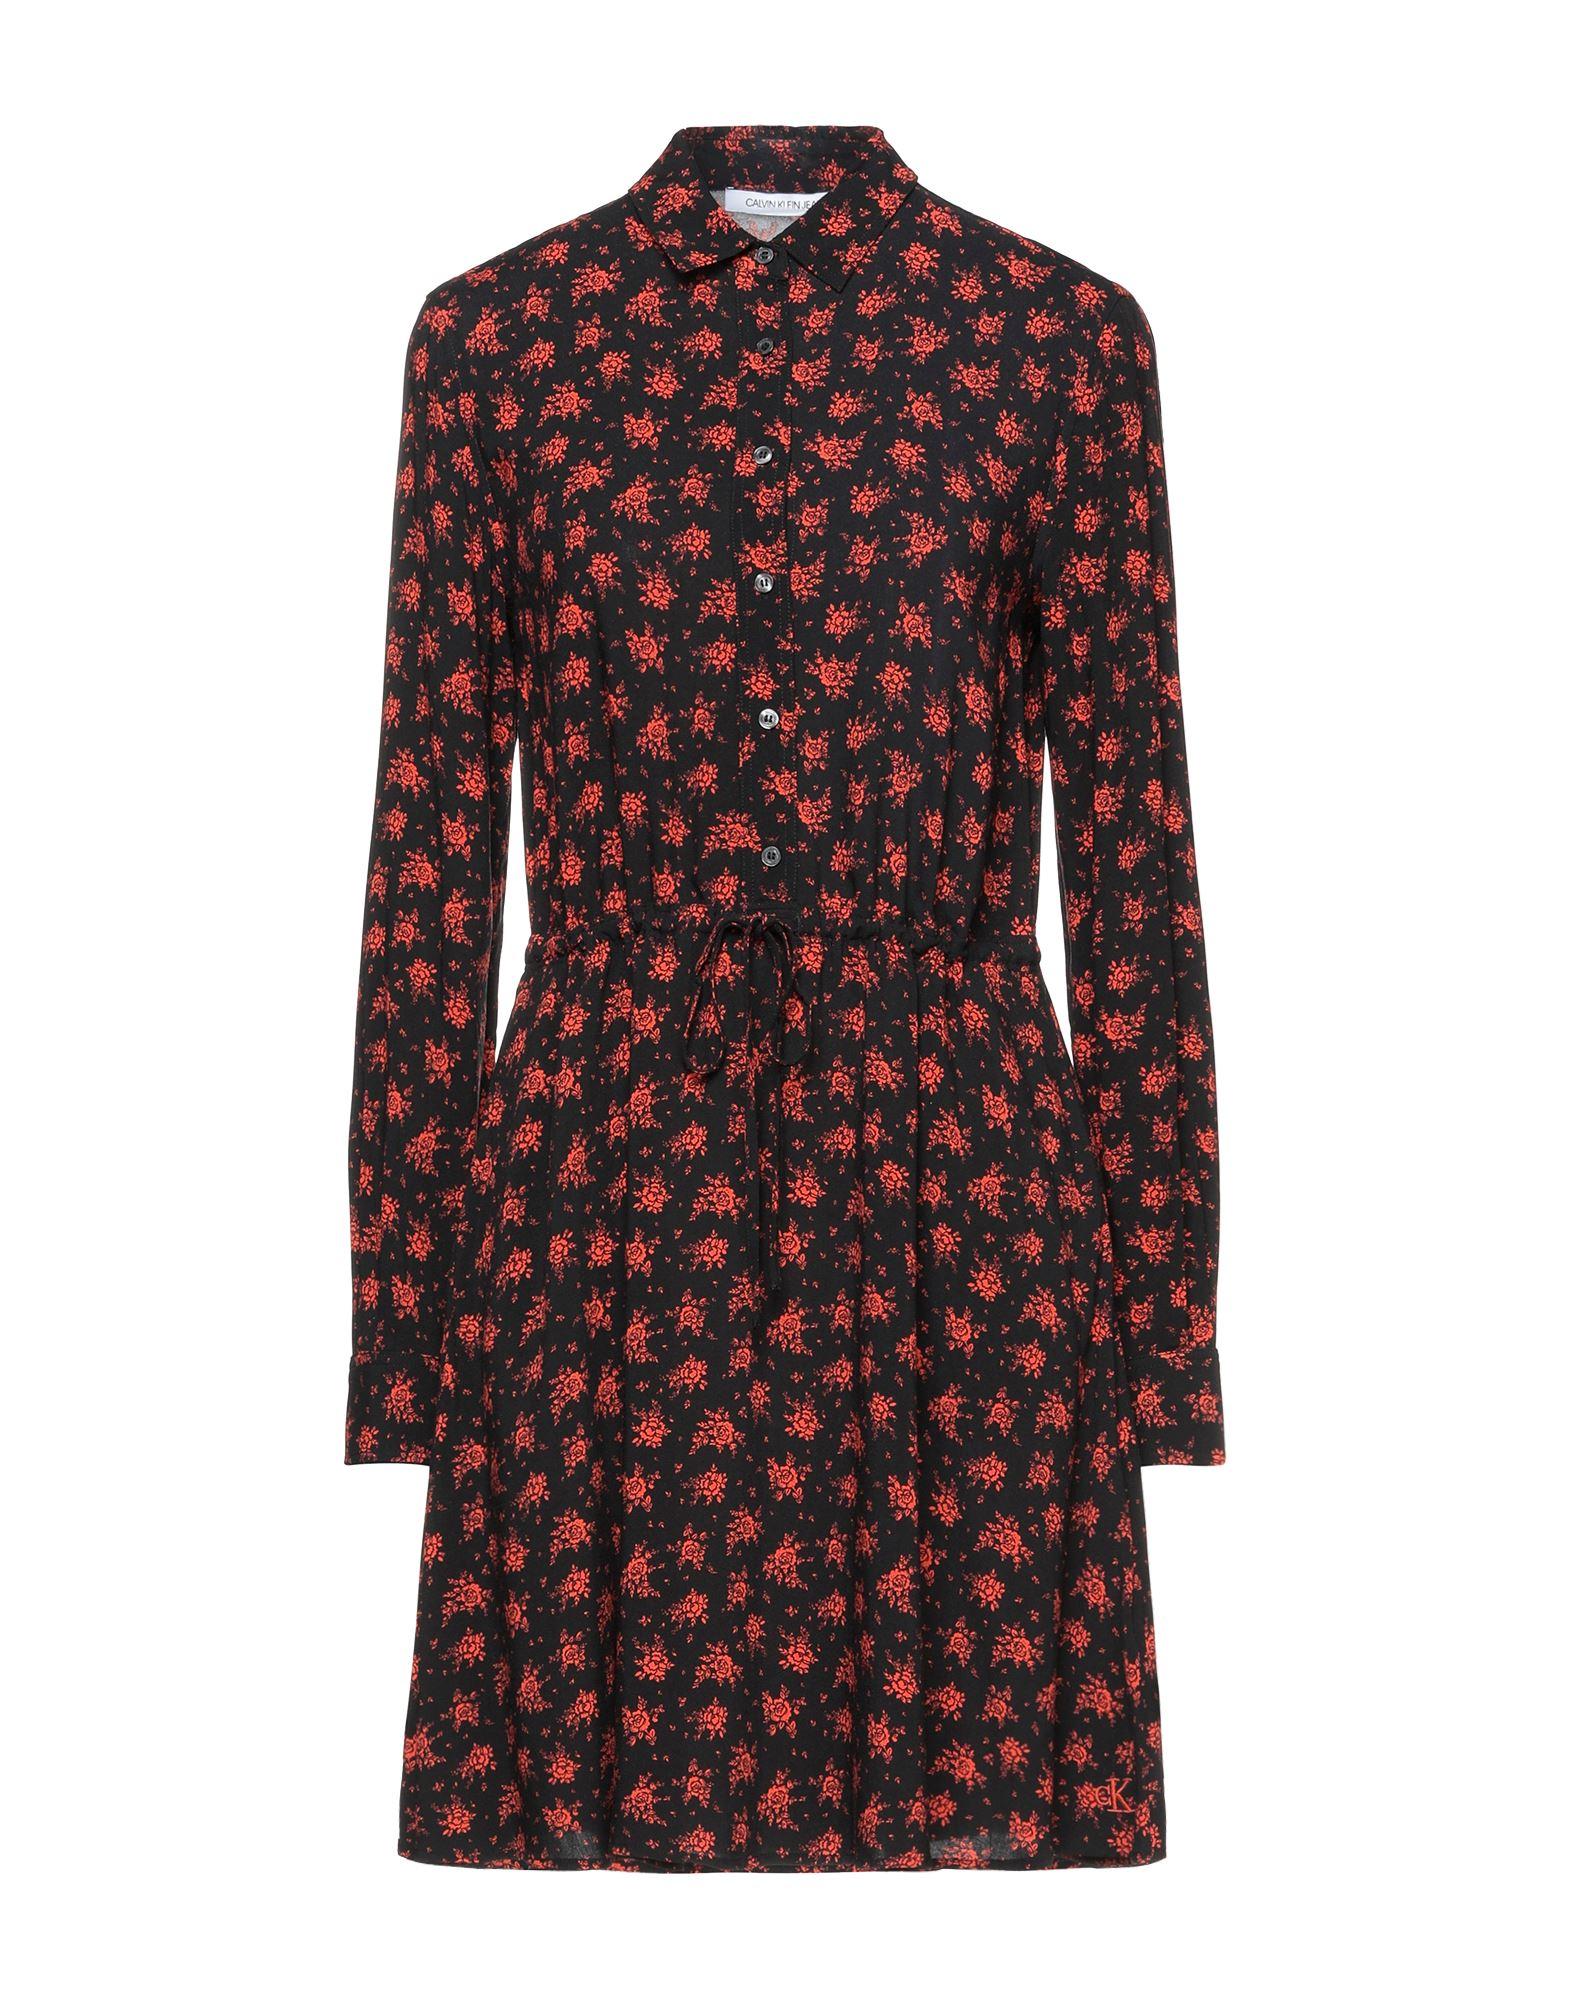 CALVIN KLEIN JEANS Короткое платье платье calvin klein jeans j20j2 08625 0990